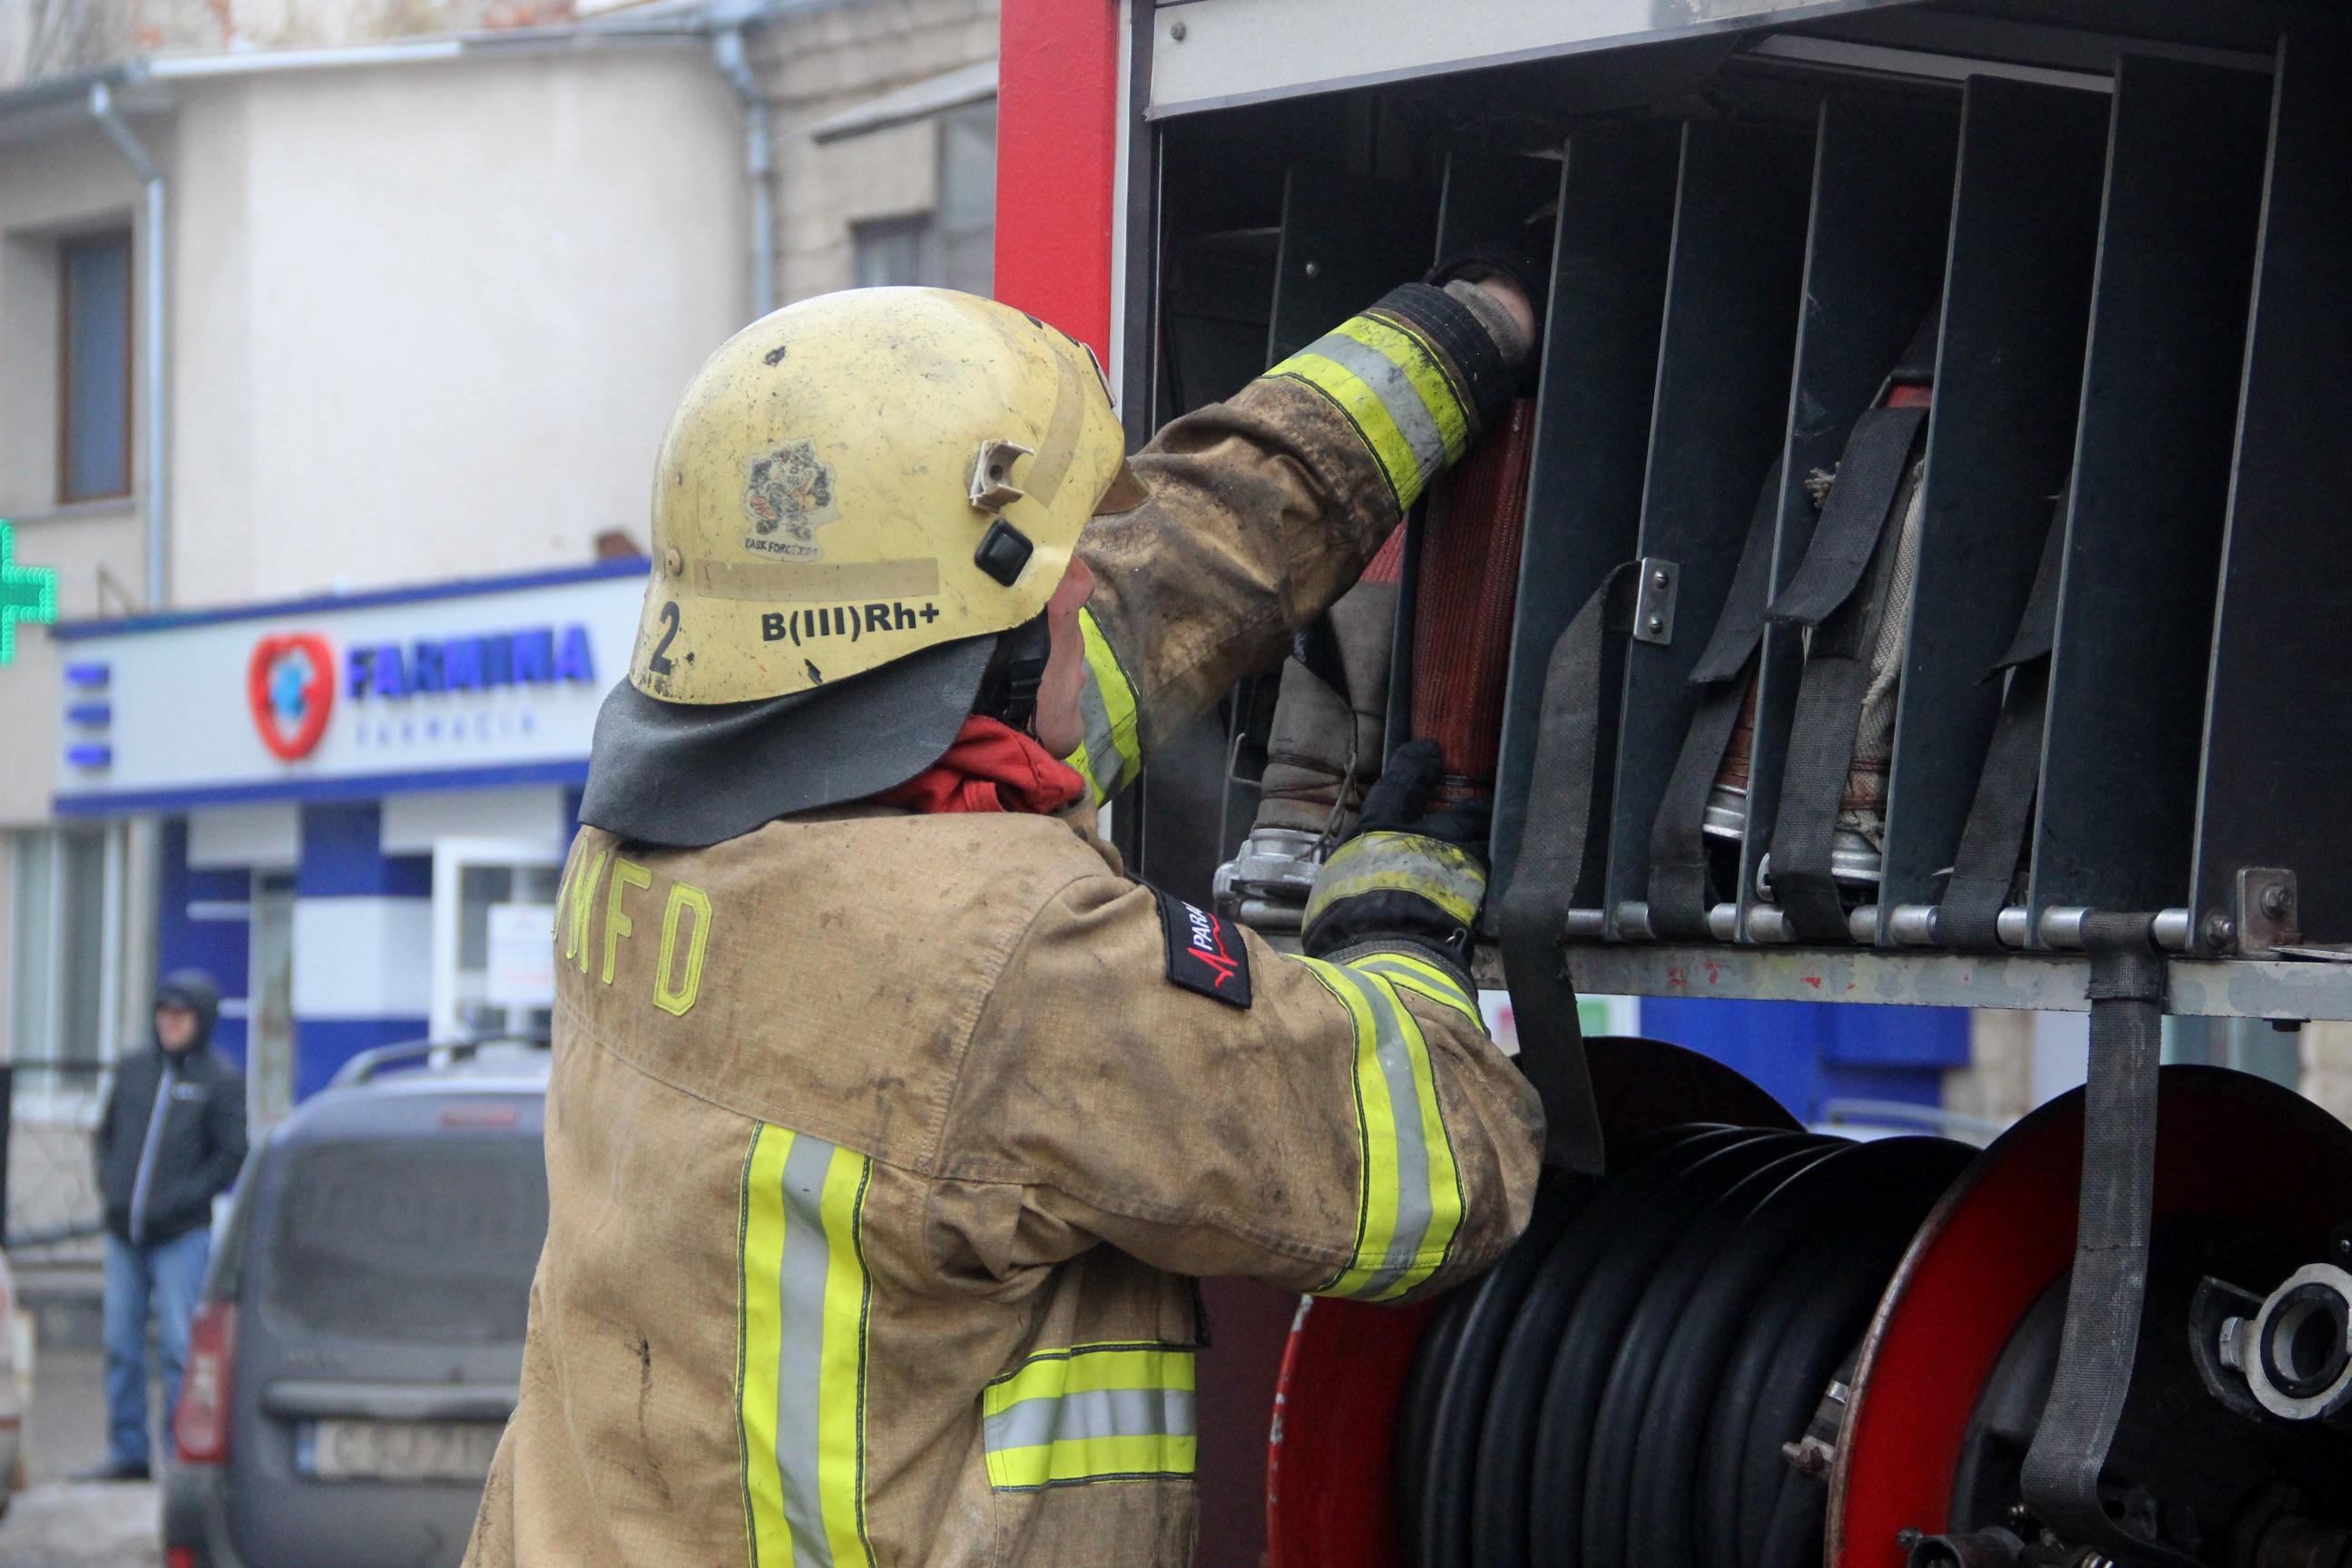 Inspectoratului General pentru Situații de Urgență al MAI, ISGU, MAI, Jizdan, Alexandru Jizdan, pompieri si salvatori,